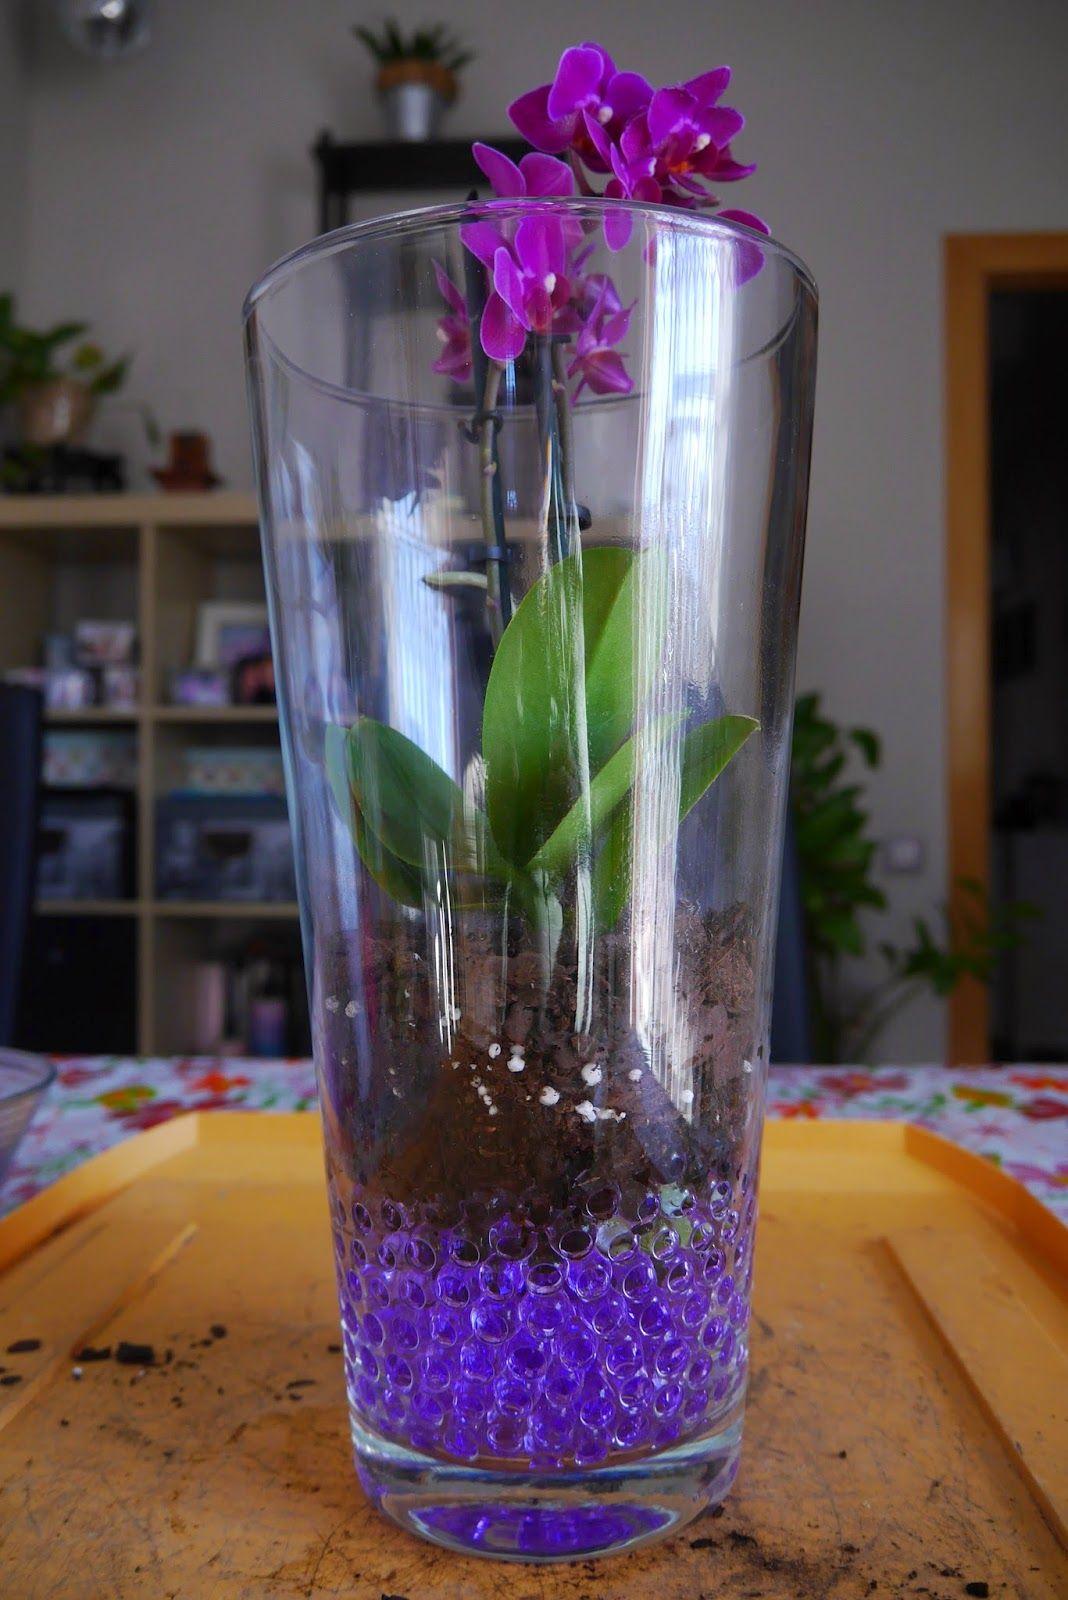 Mr Washisan Orquídea Mariposa Mini Plantada En Gel Dentro De Jarrón De Cristal Decoracion Con Plantas Artificiales Jarrón De Cristal Floreros De Cristal